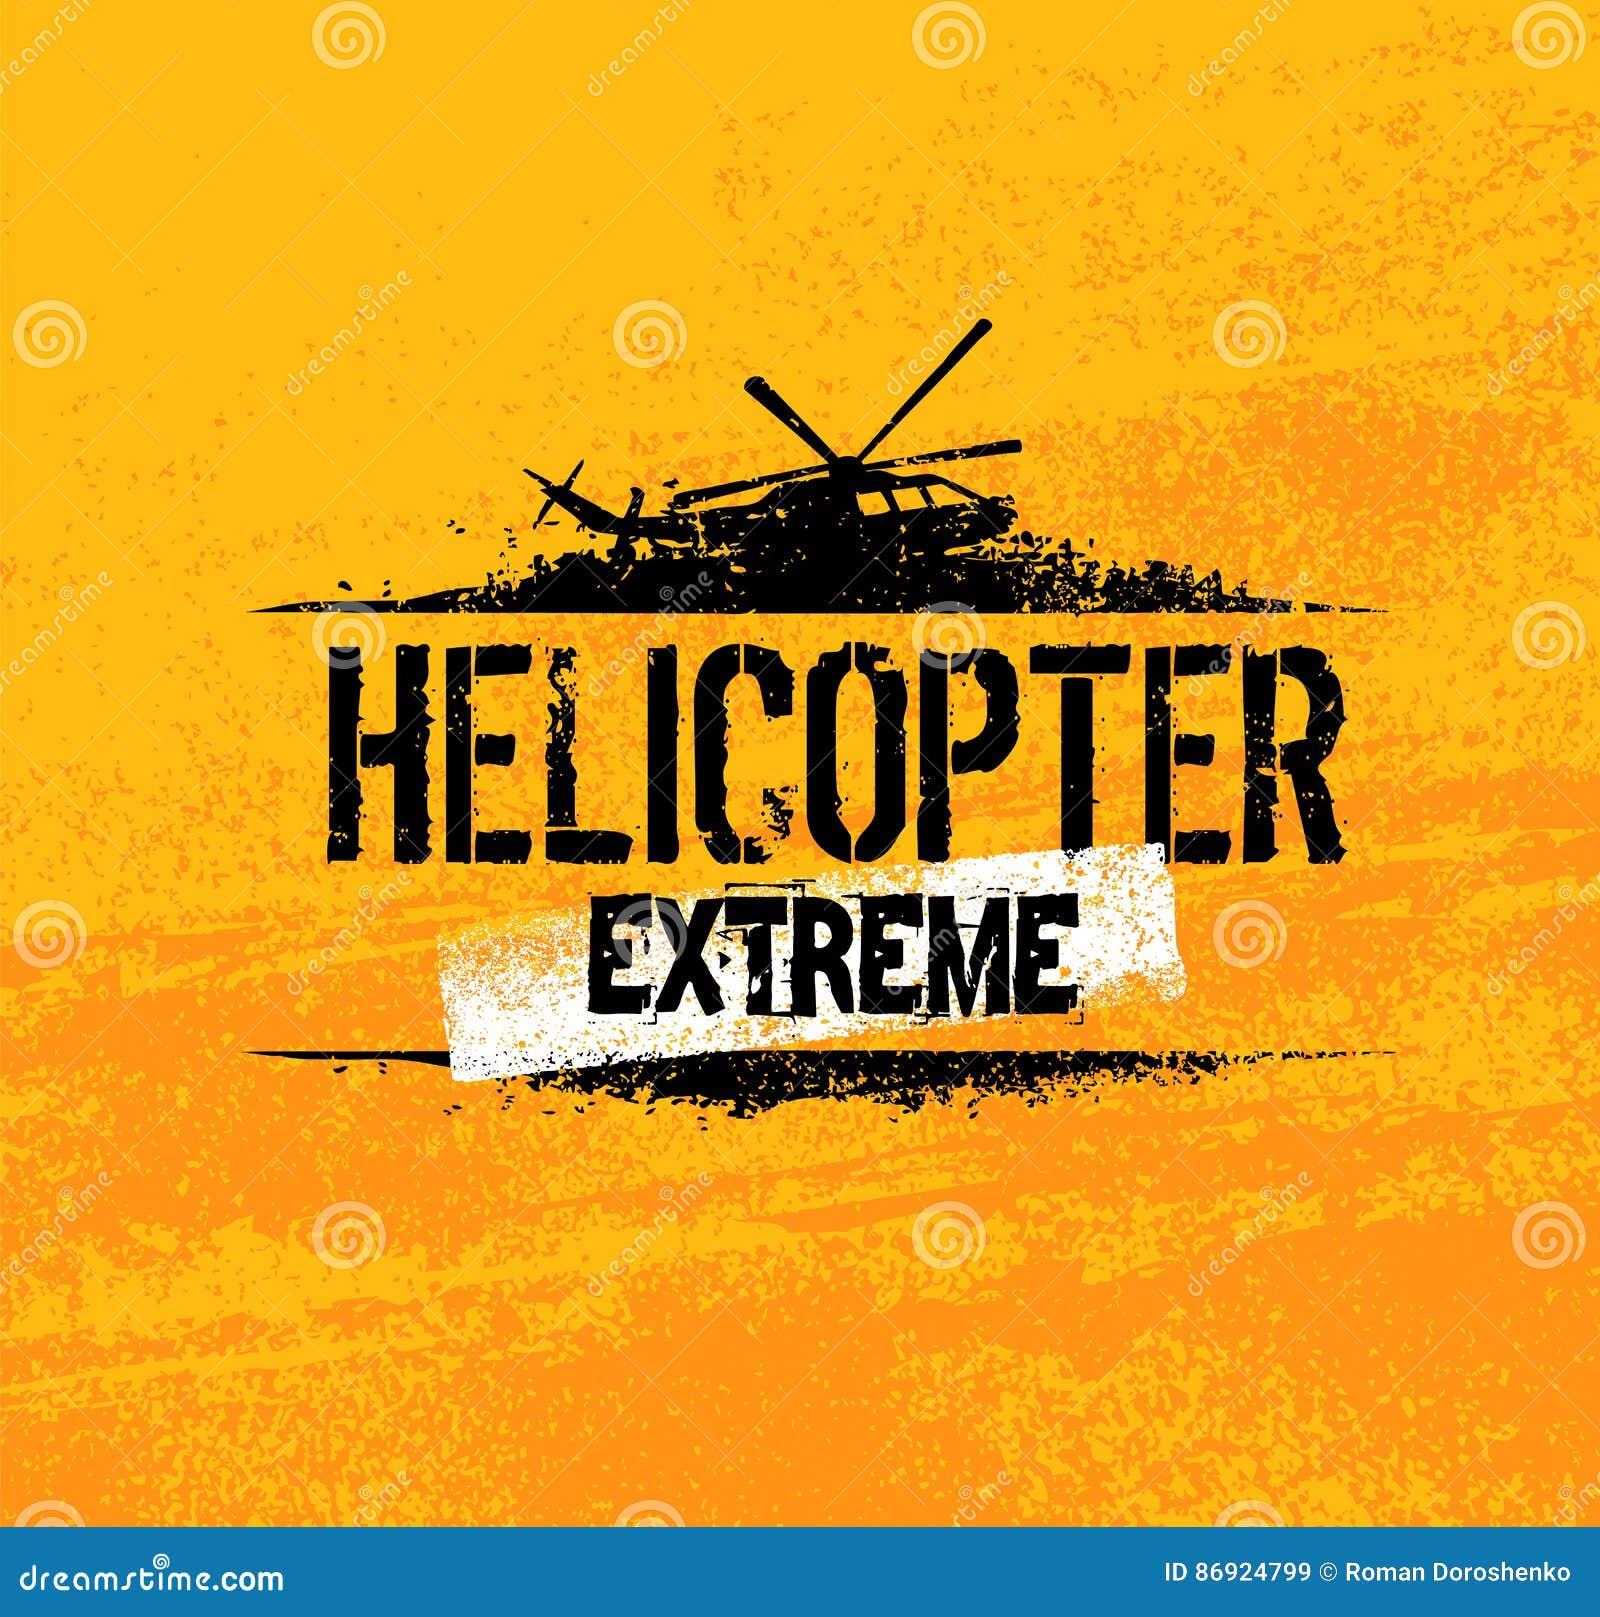 Concepto creativo de la bandera del vector del paseo extremo del helicóptero en fondo del Grunge